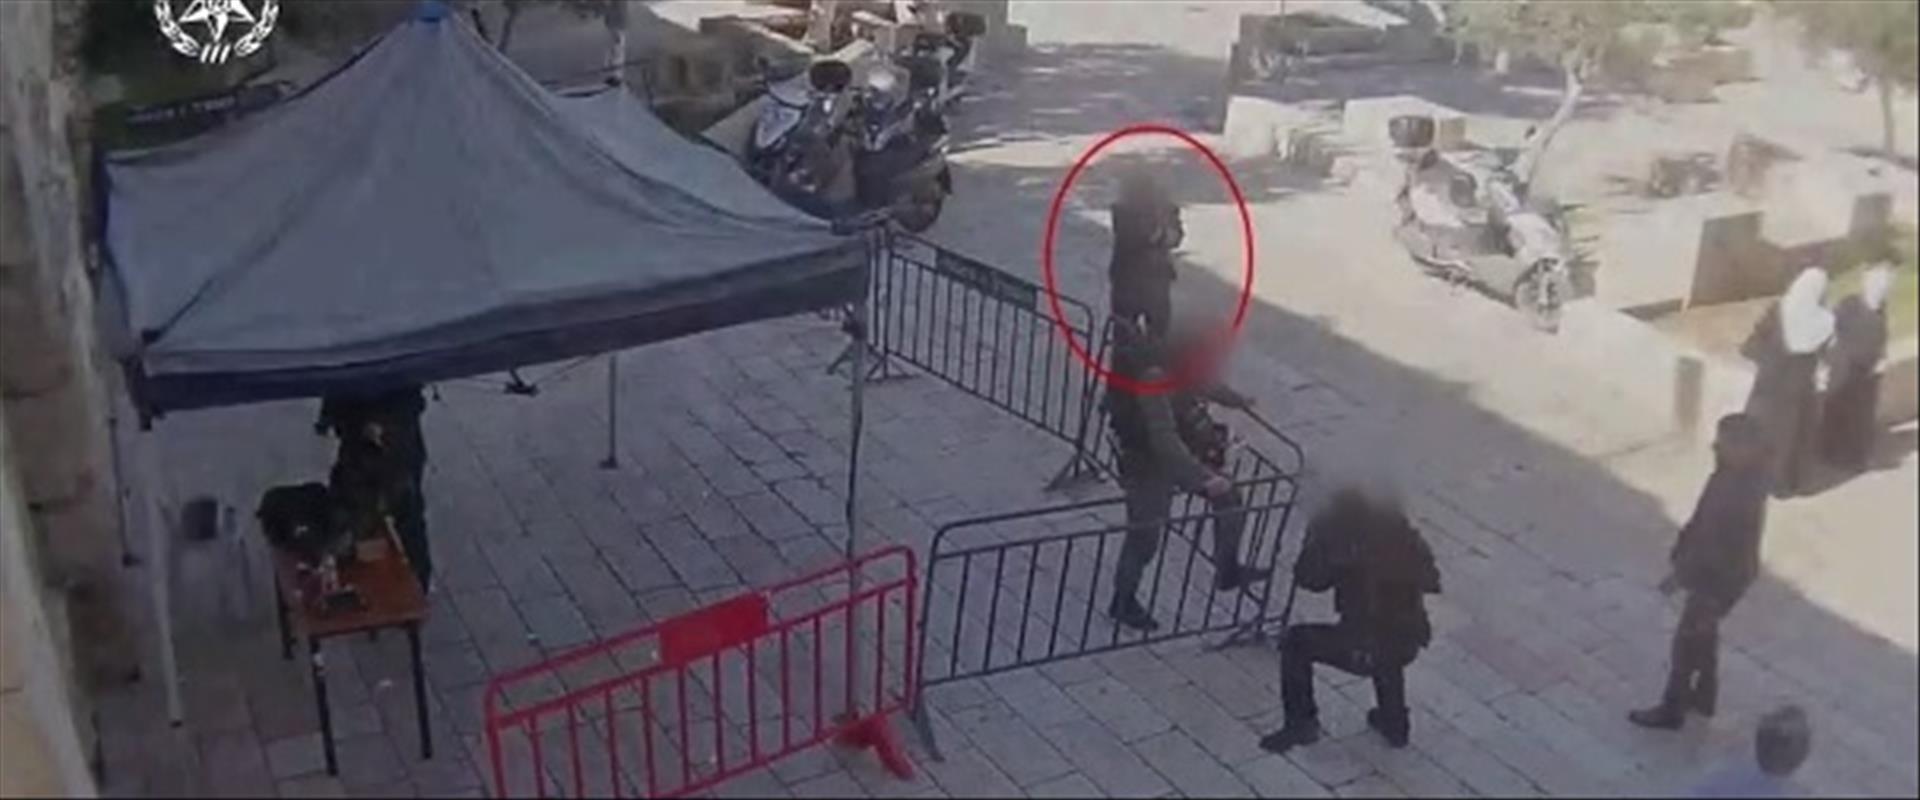 תיעוד פיגוע הירי בעיר העתיקה בירושלים